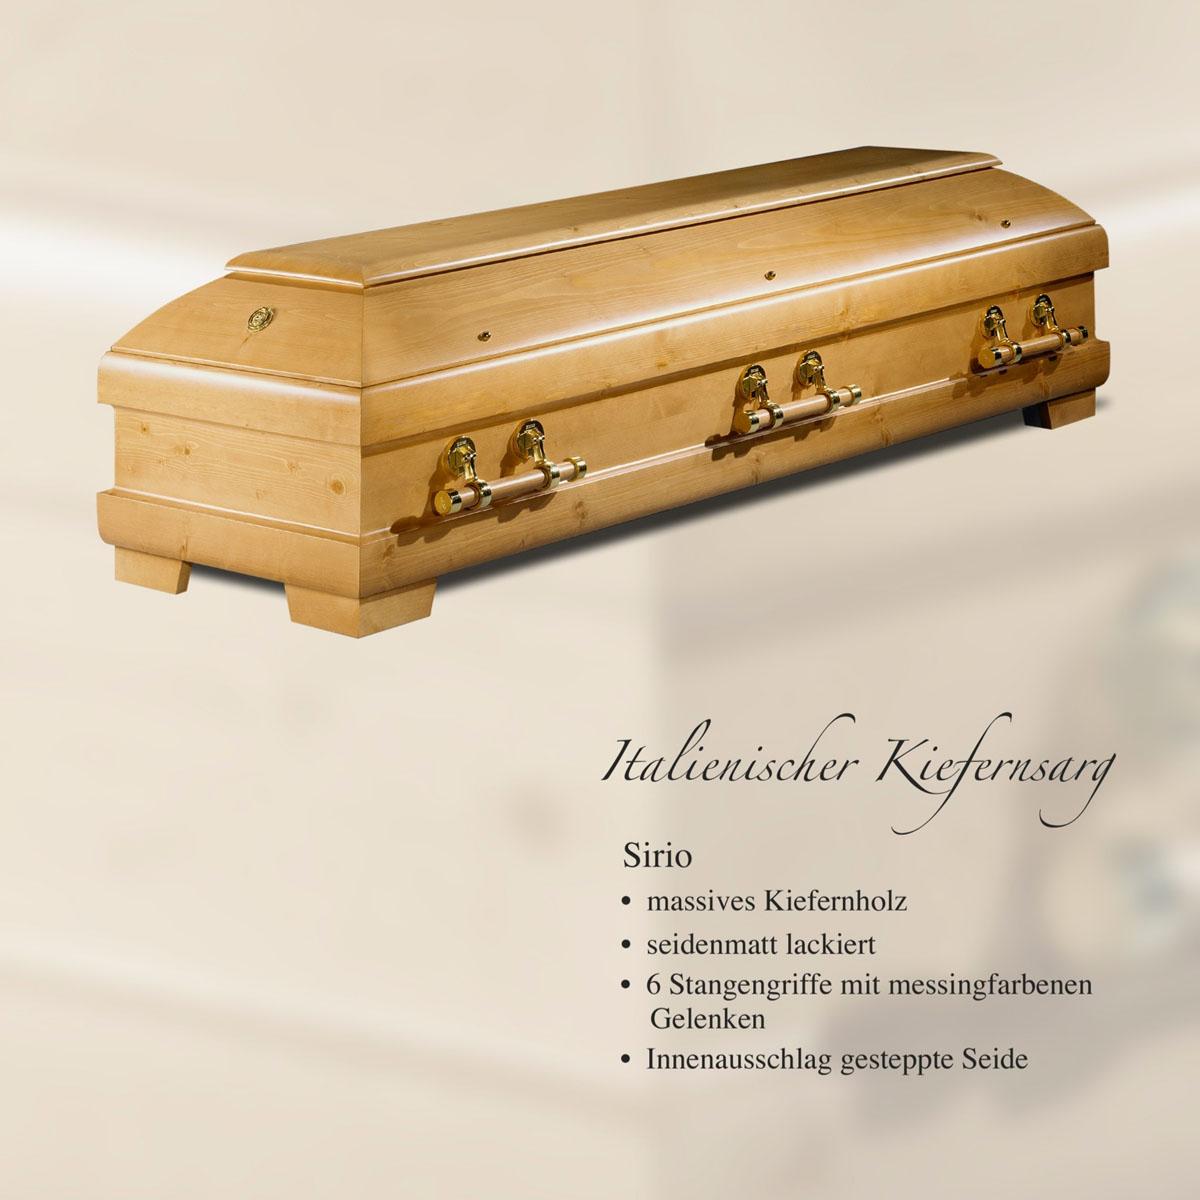 Greve-Bestattungen-Sargauswahl2